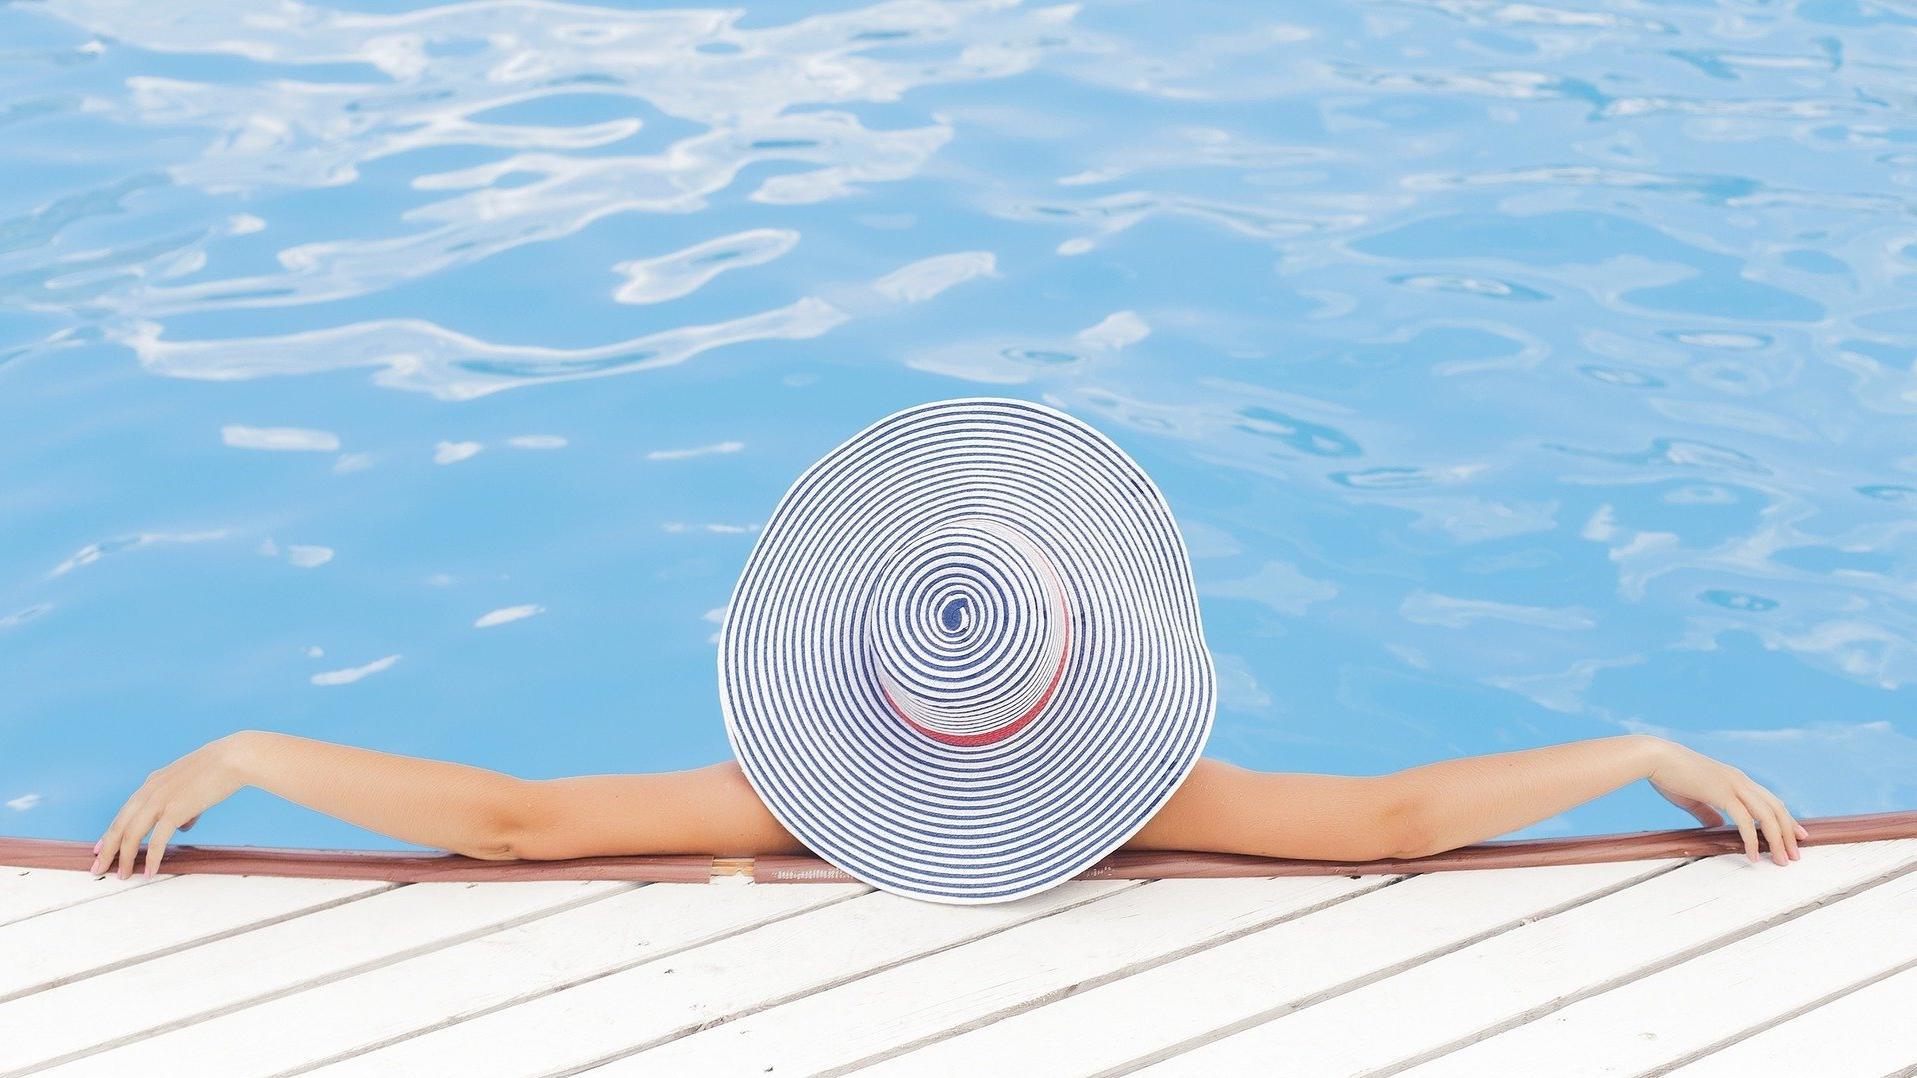 Für die ersten Aquagymnastik-Übungen legen Sie die Arme auf den Beckenrand.